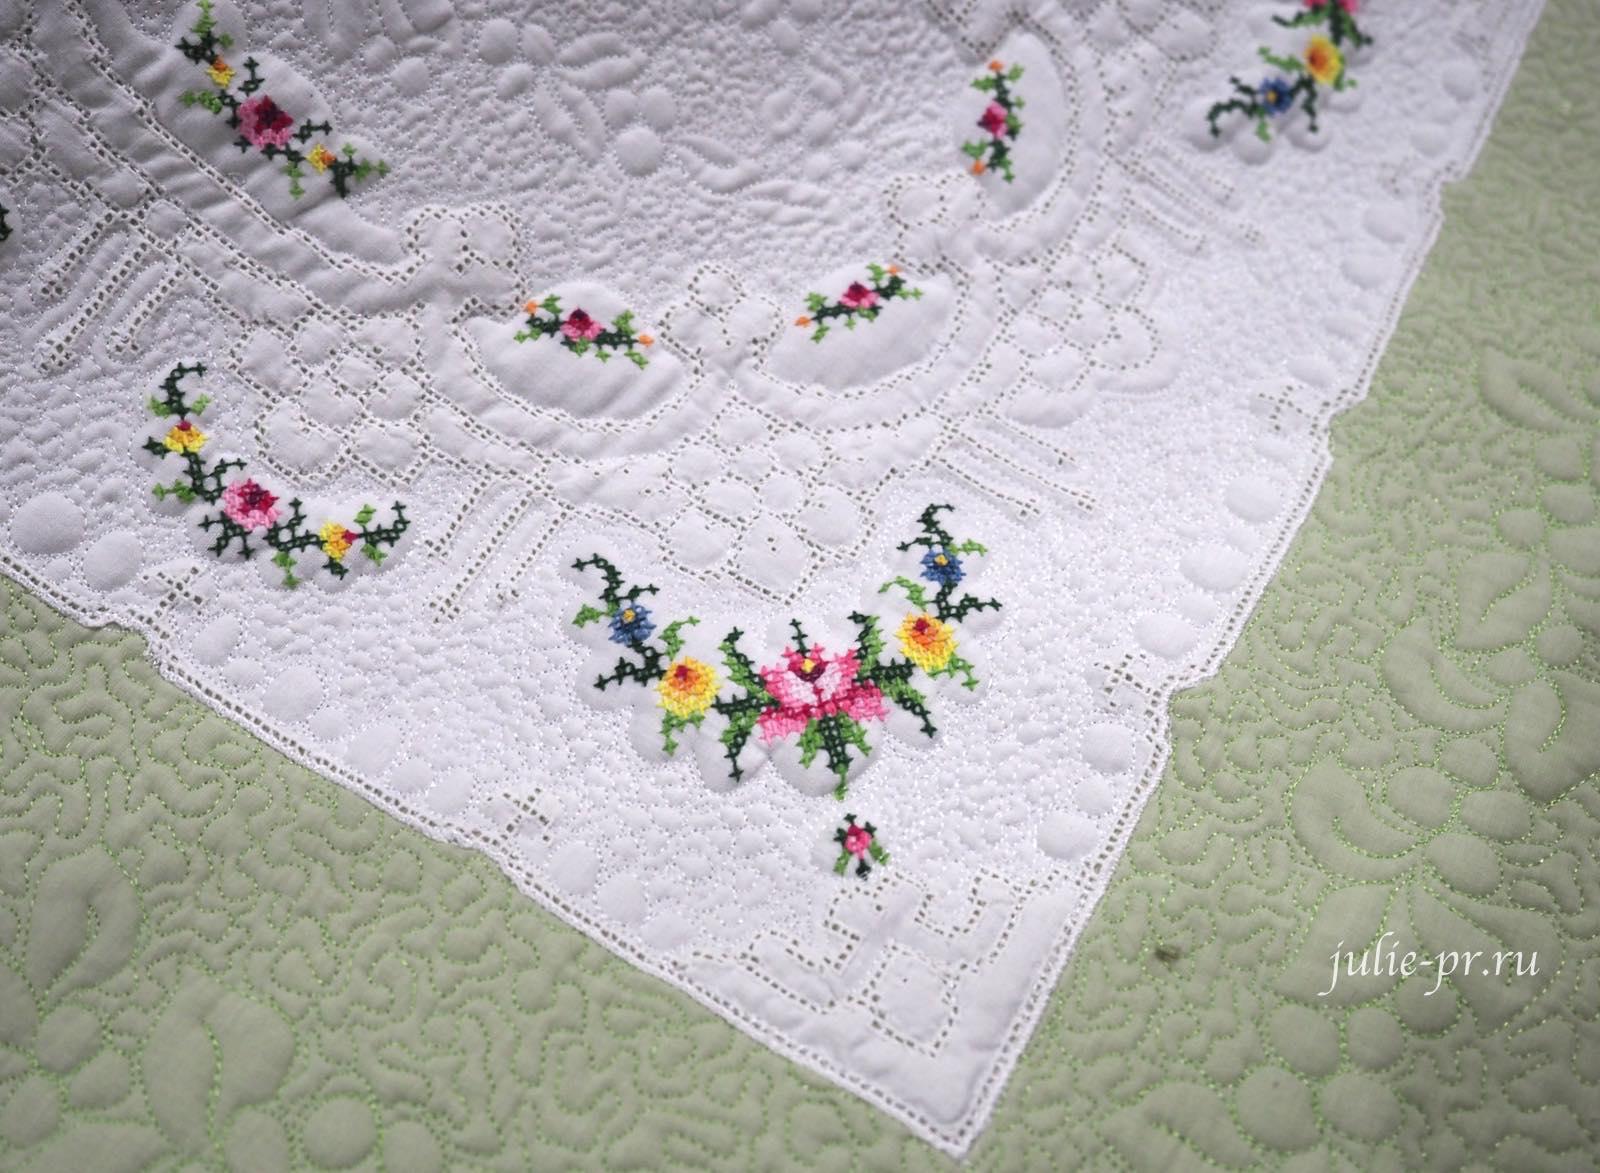 формула рукоделия осень 2021, выставка, вышивка крестом, лоскутное шитье